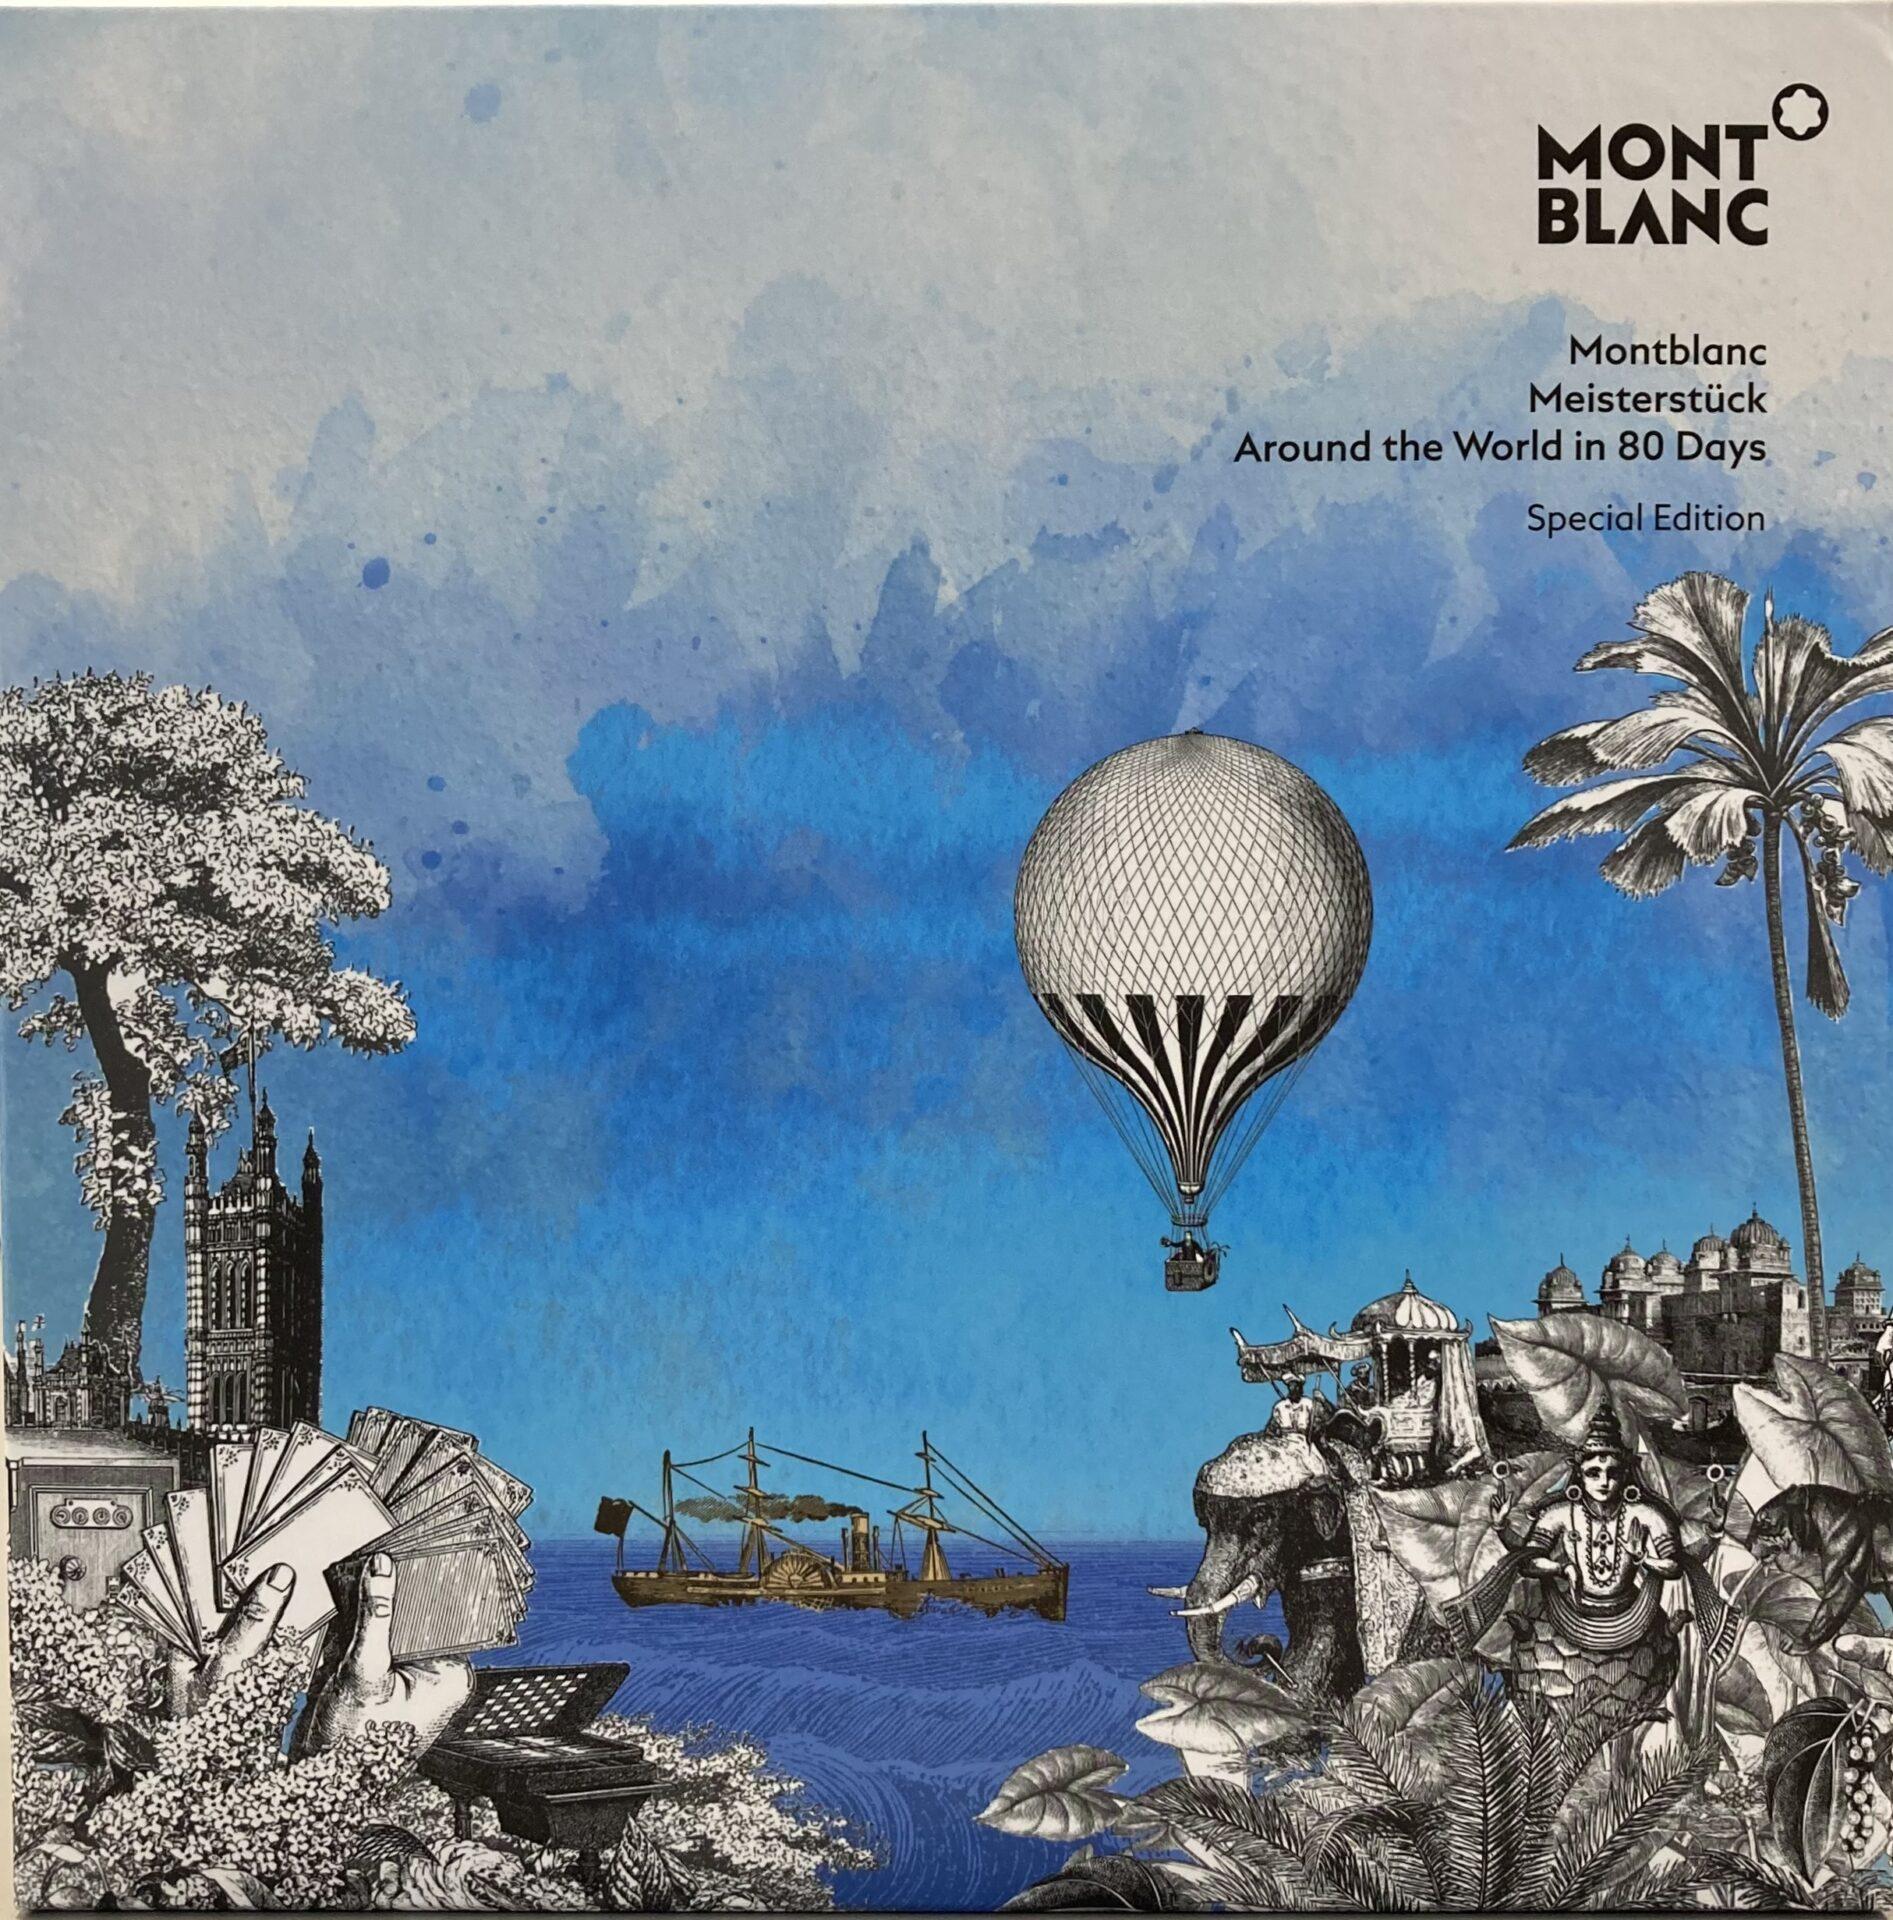 Stylo bille midsize, Meisterstück Le tour du monde en 80 jours, Montblanc